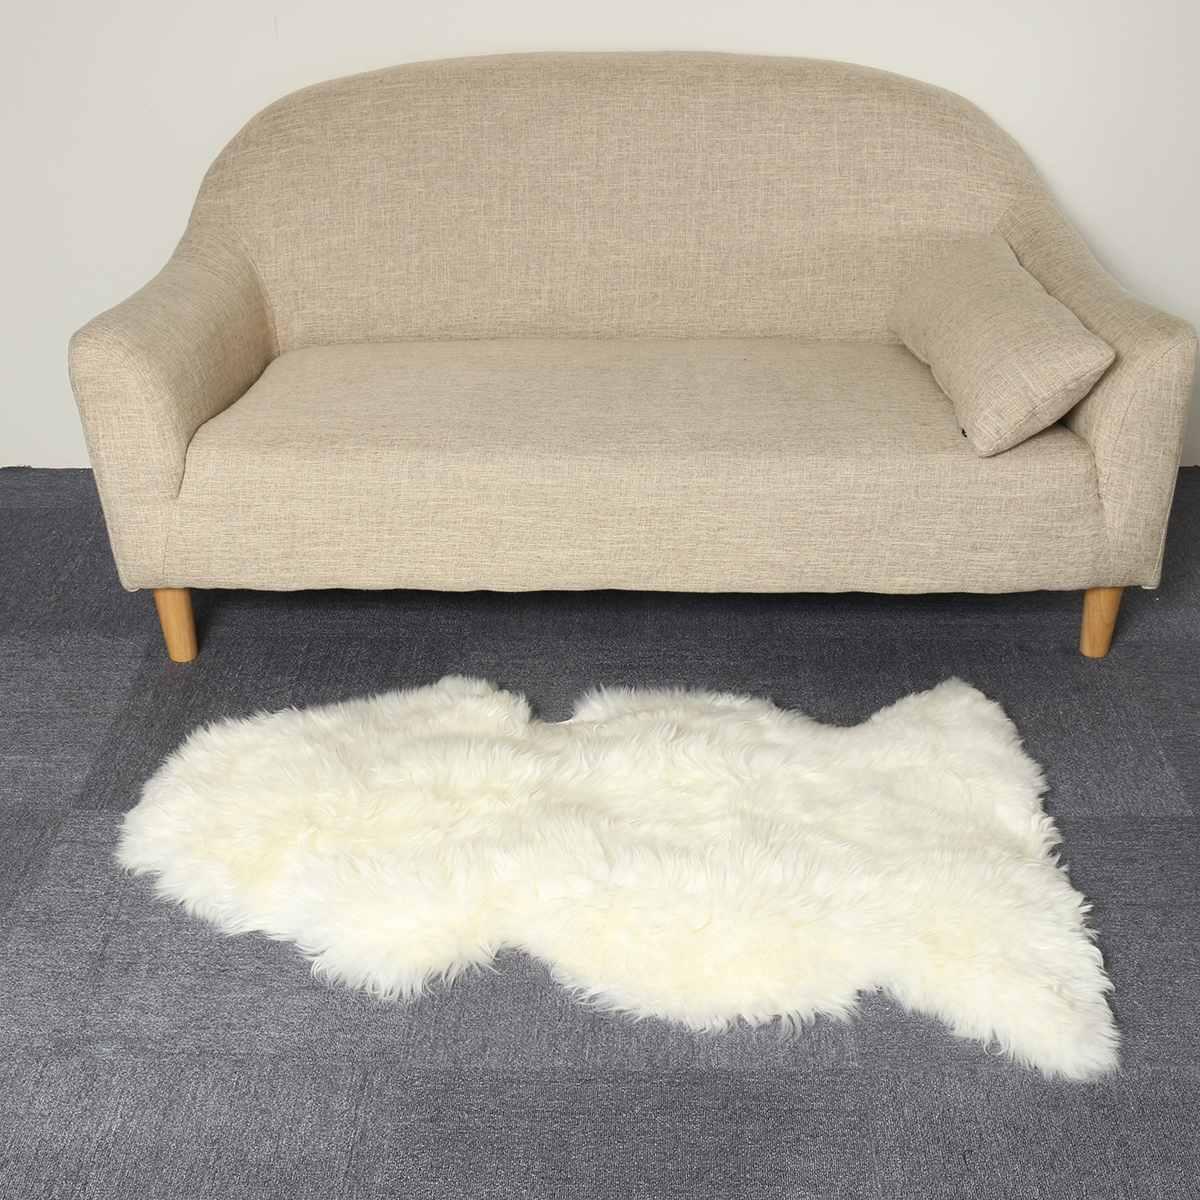 100CM en peau de mouton fausse fourrure tapis tapis pour maison chambre enfants salon chaise chaude de haute qualité antidérapant blanc en peluche tapis